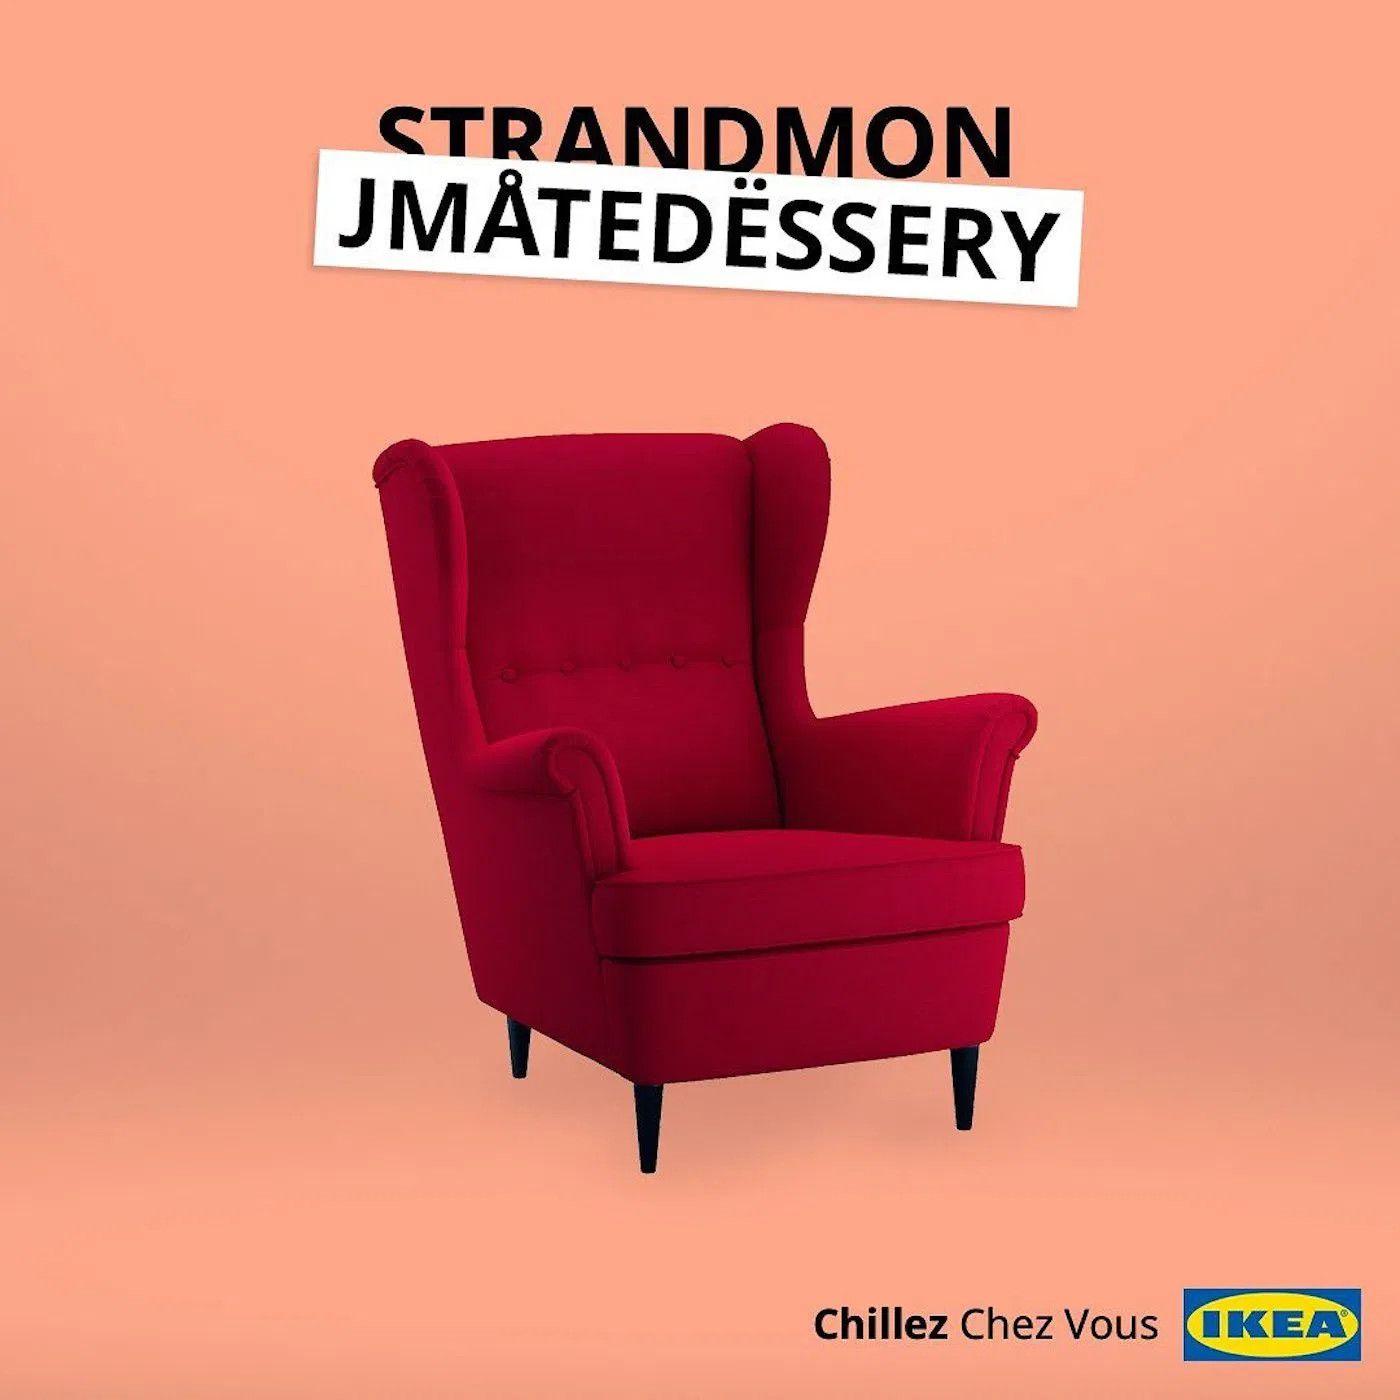 Ikea Vous Propose De Renommer Son Mobilier En Mode Special Confinement Planete Deco A Homes World En 2020 Ikea Mobilier De Salon Mobilier